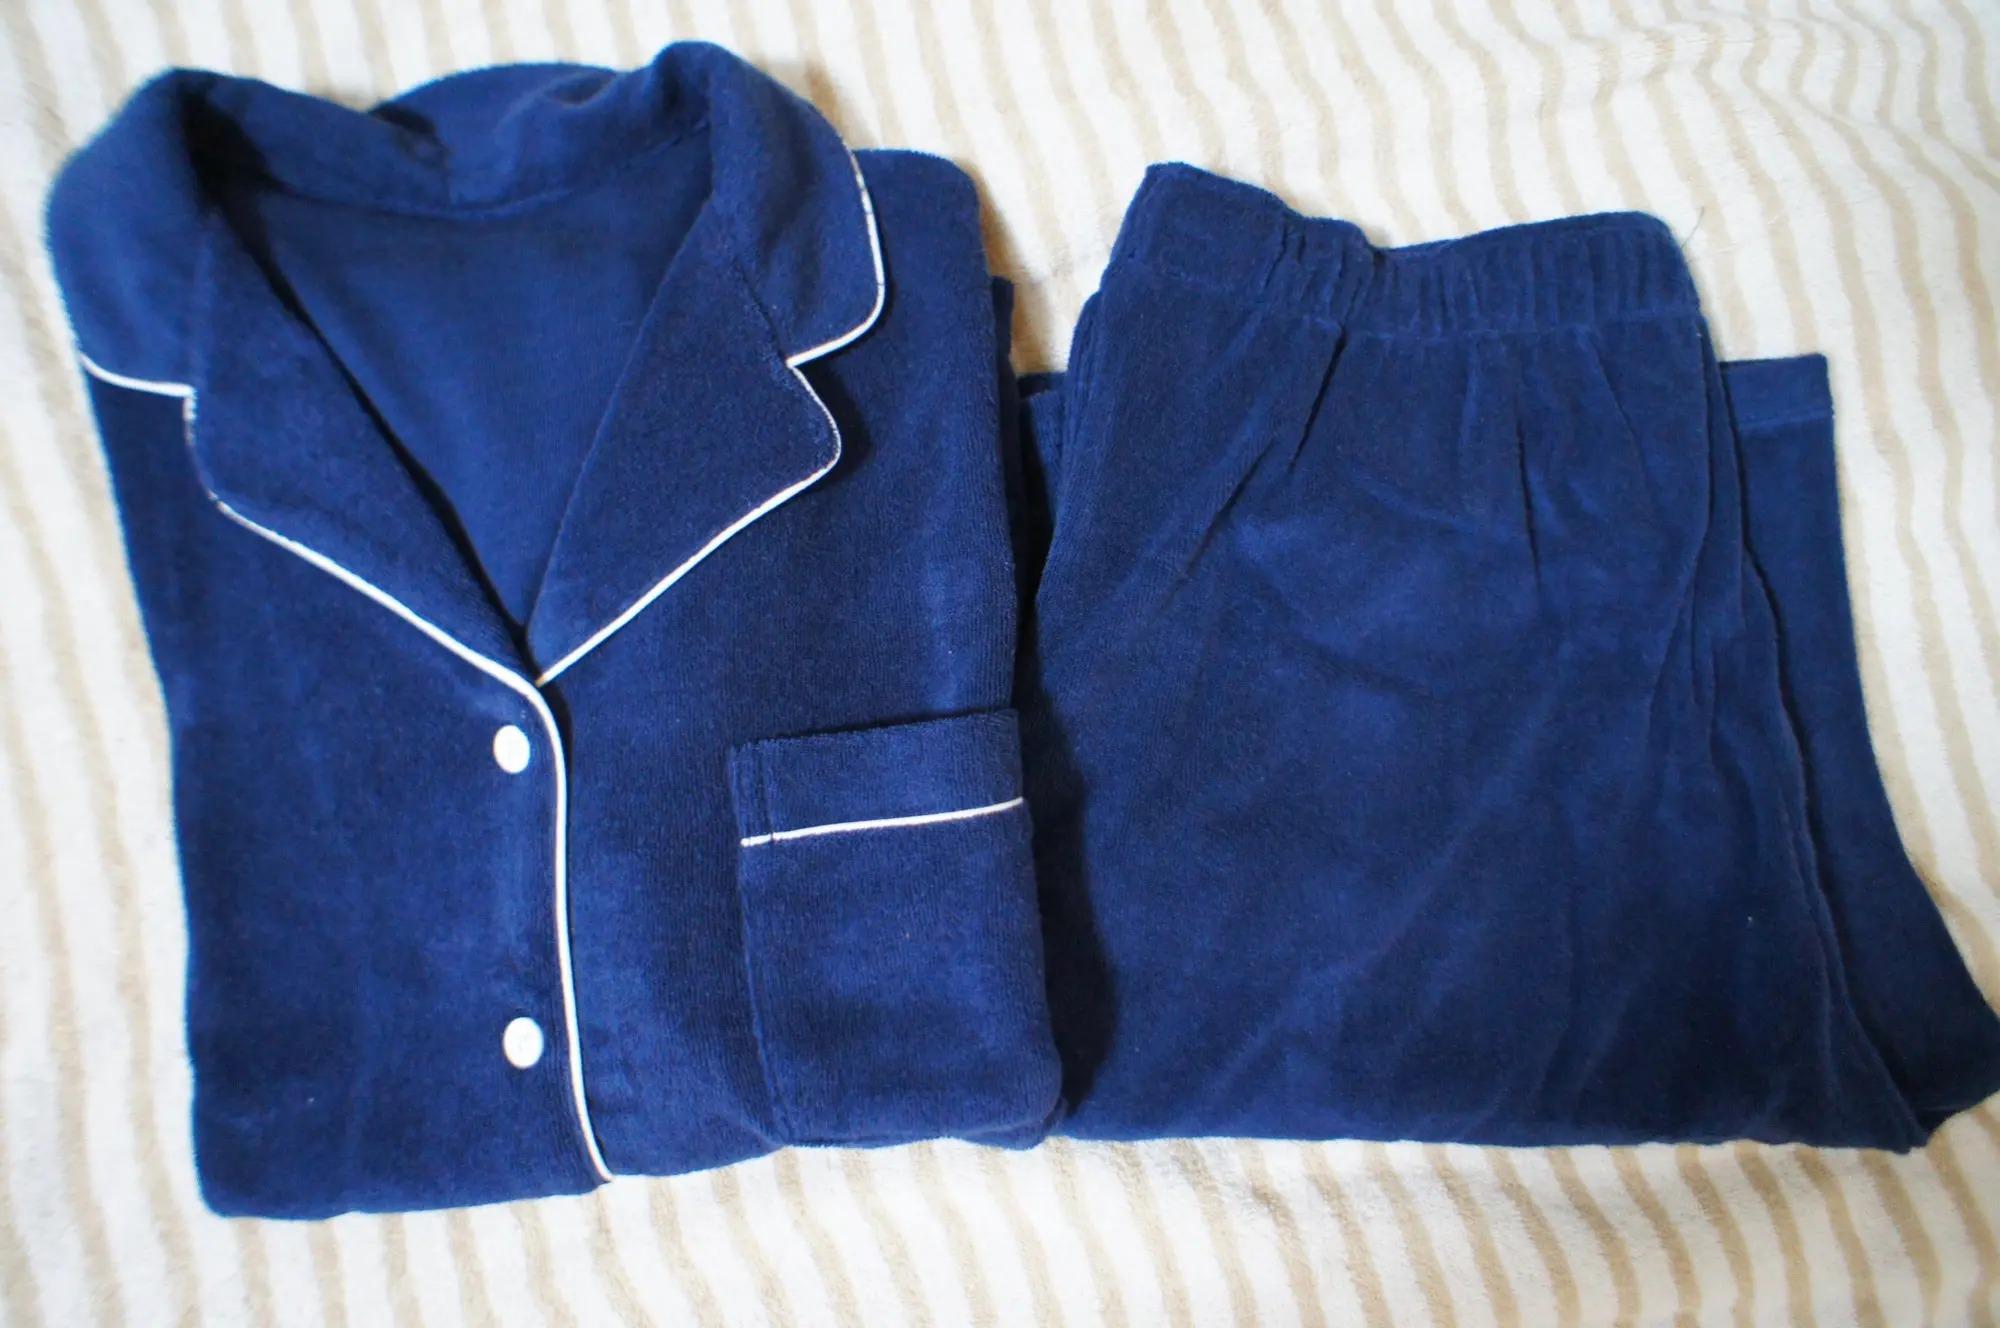 『ユニクロ』×『シュウ ウエムラ』のコラボTシャツがシンプルおしゃれ♪【今週のMOREインフルエンサーズファッション人気ランキング】_2